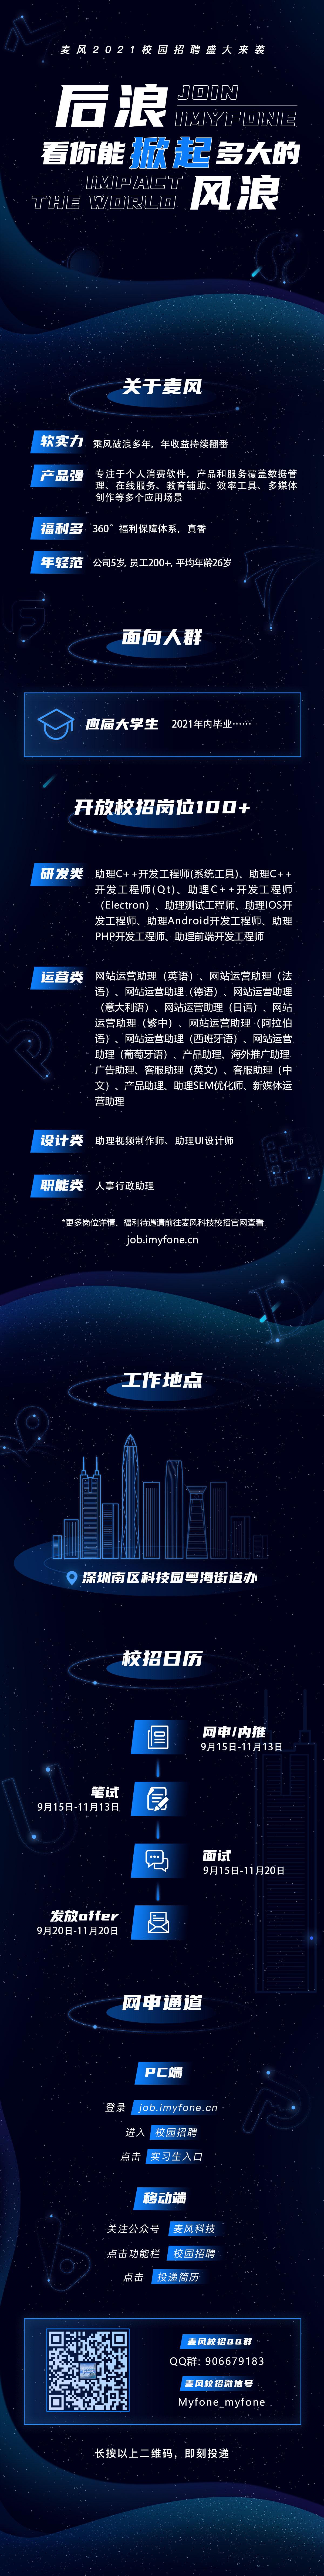 深圳麦风科技有限公司宣讲会